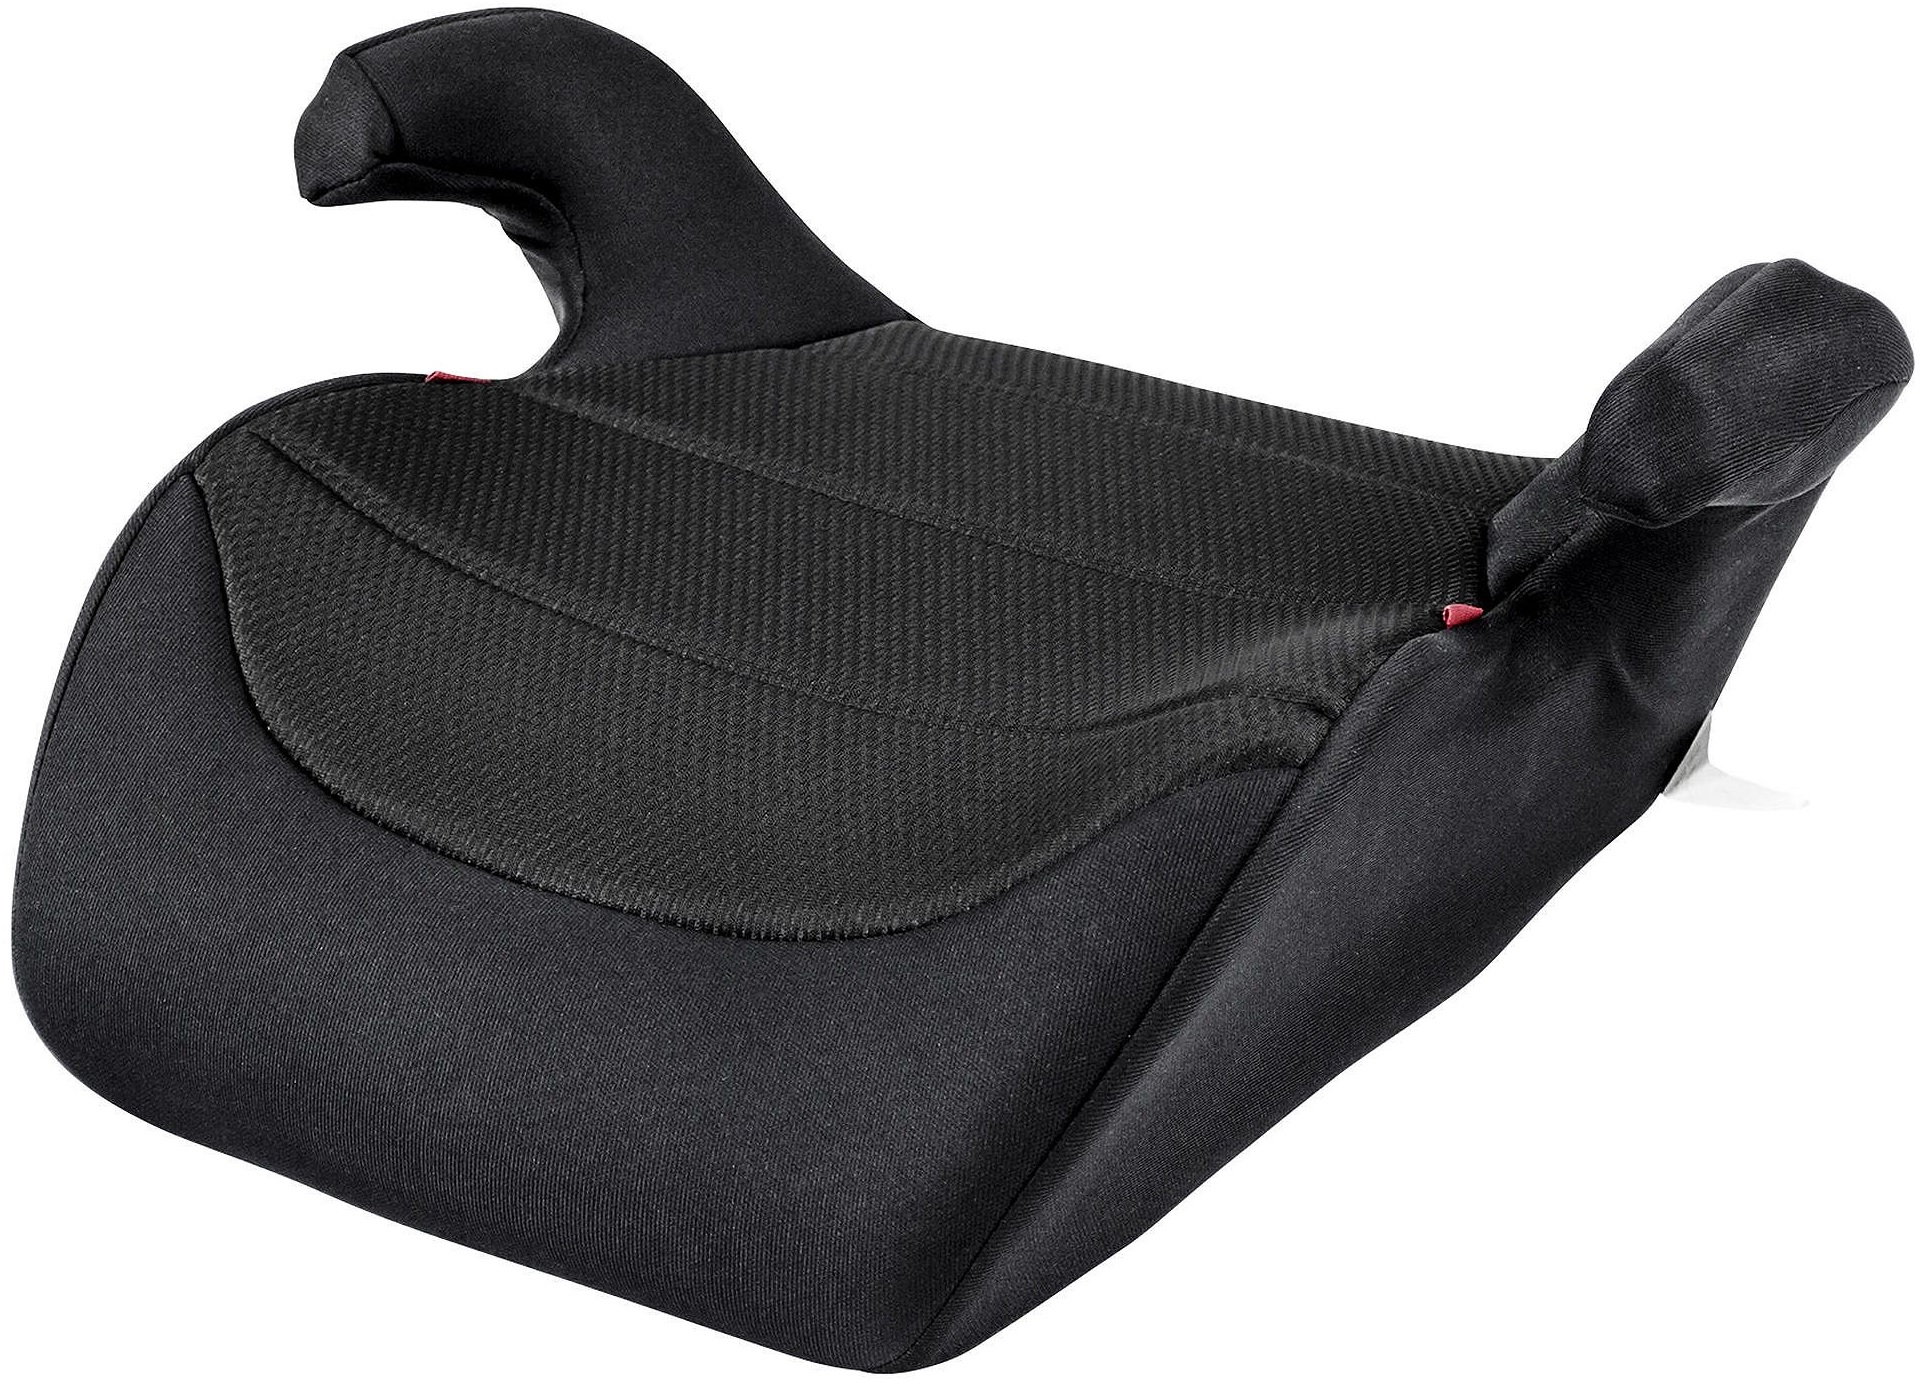 neu cozy n sicher verst rker sitz kissen schwarz ebay. Black Bedroom Furniture Sets. Home Design Ideas